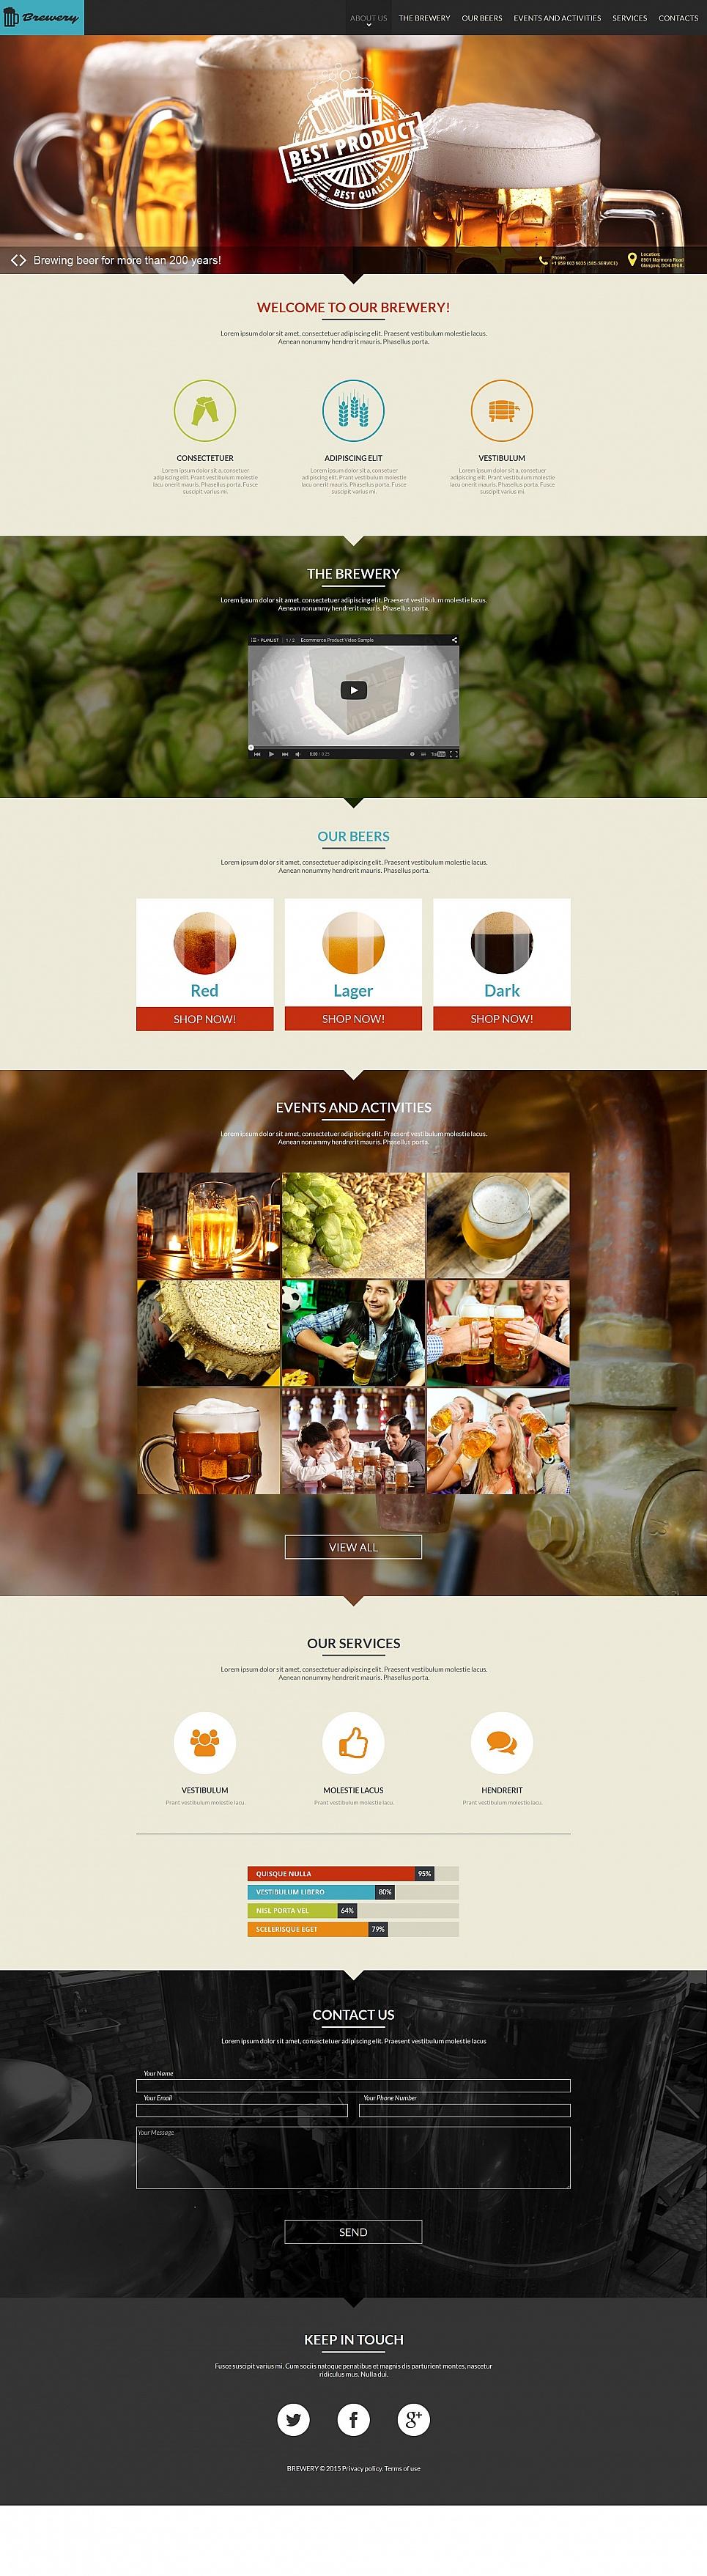 Beer Making Website Template - image